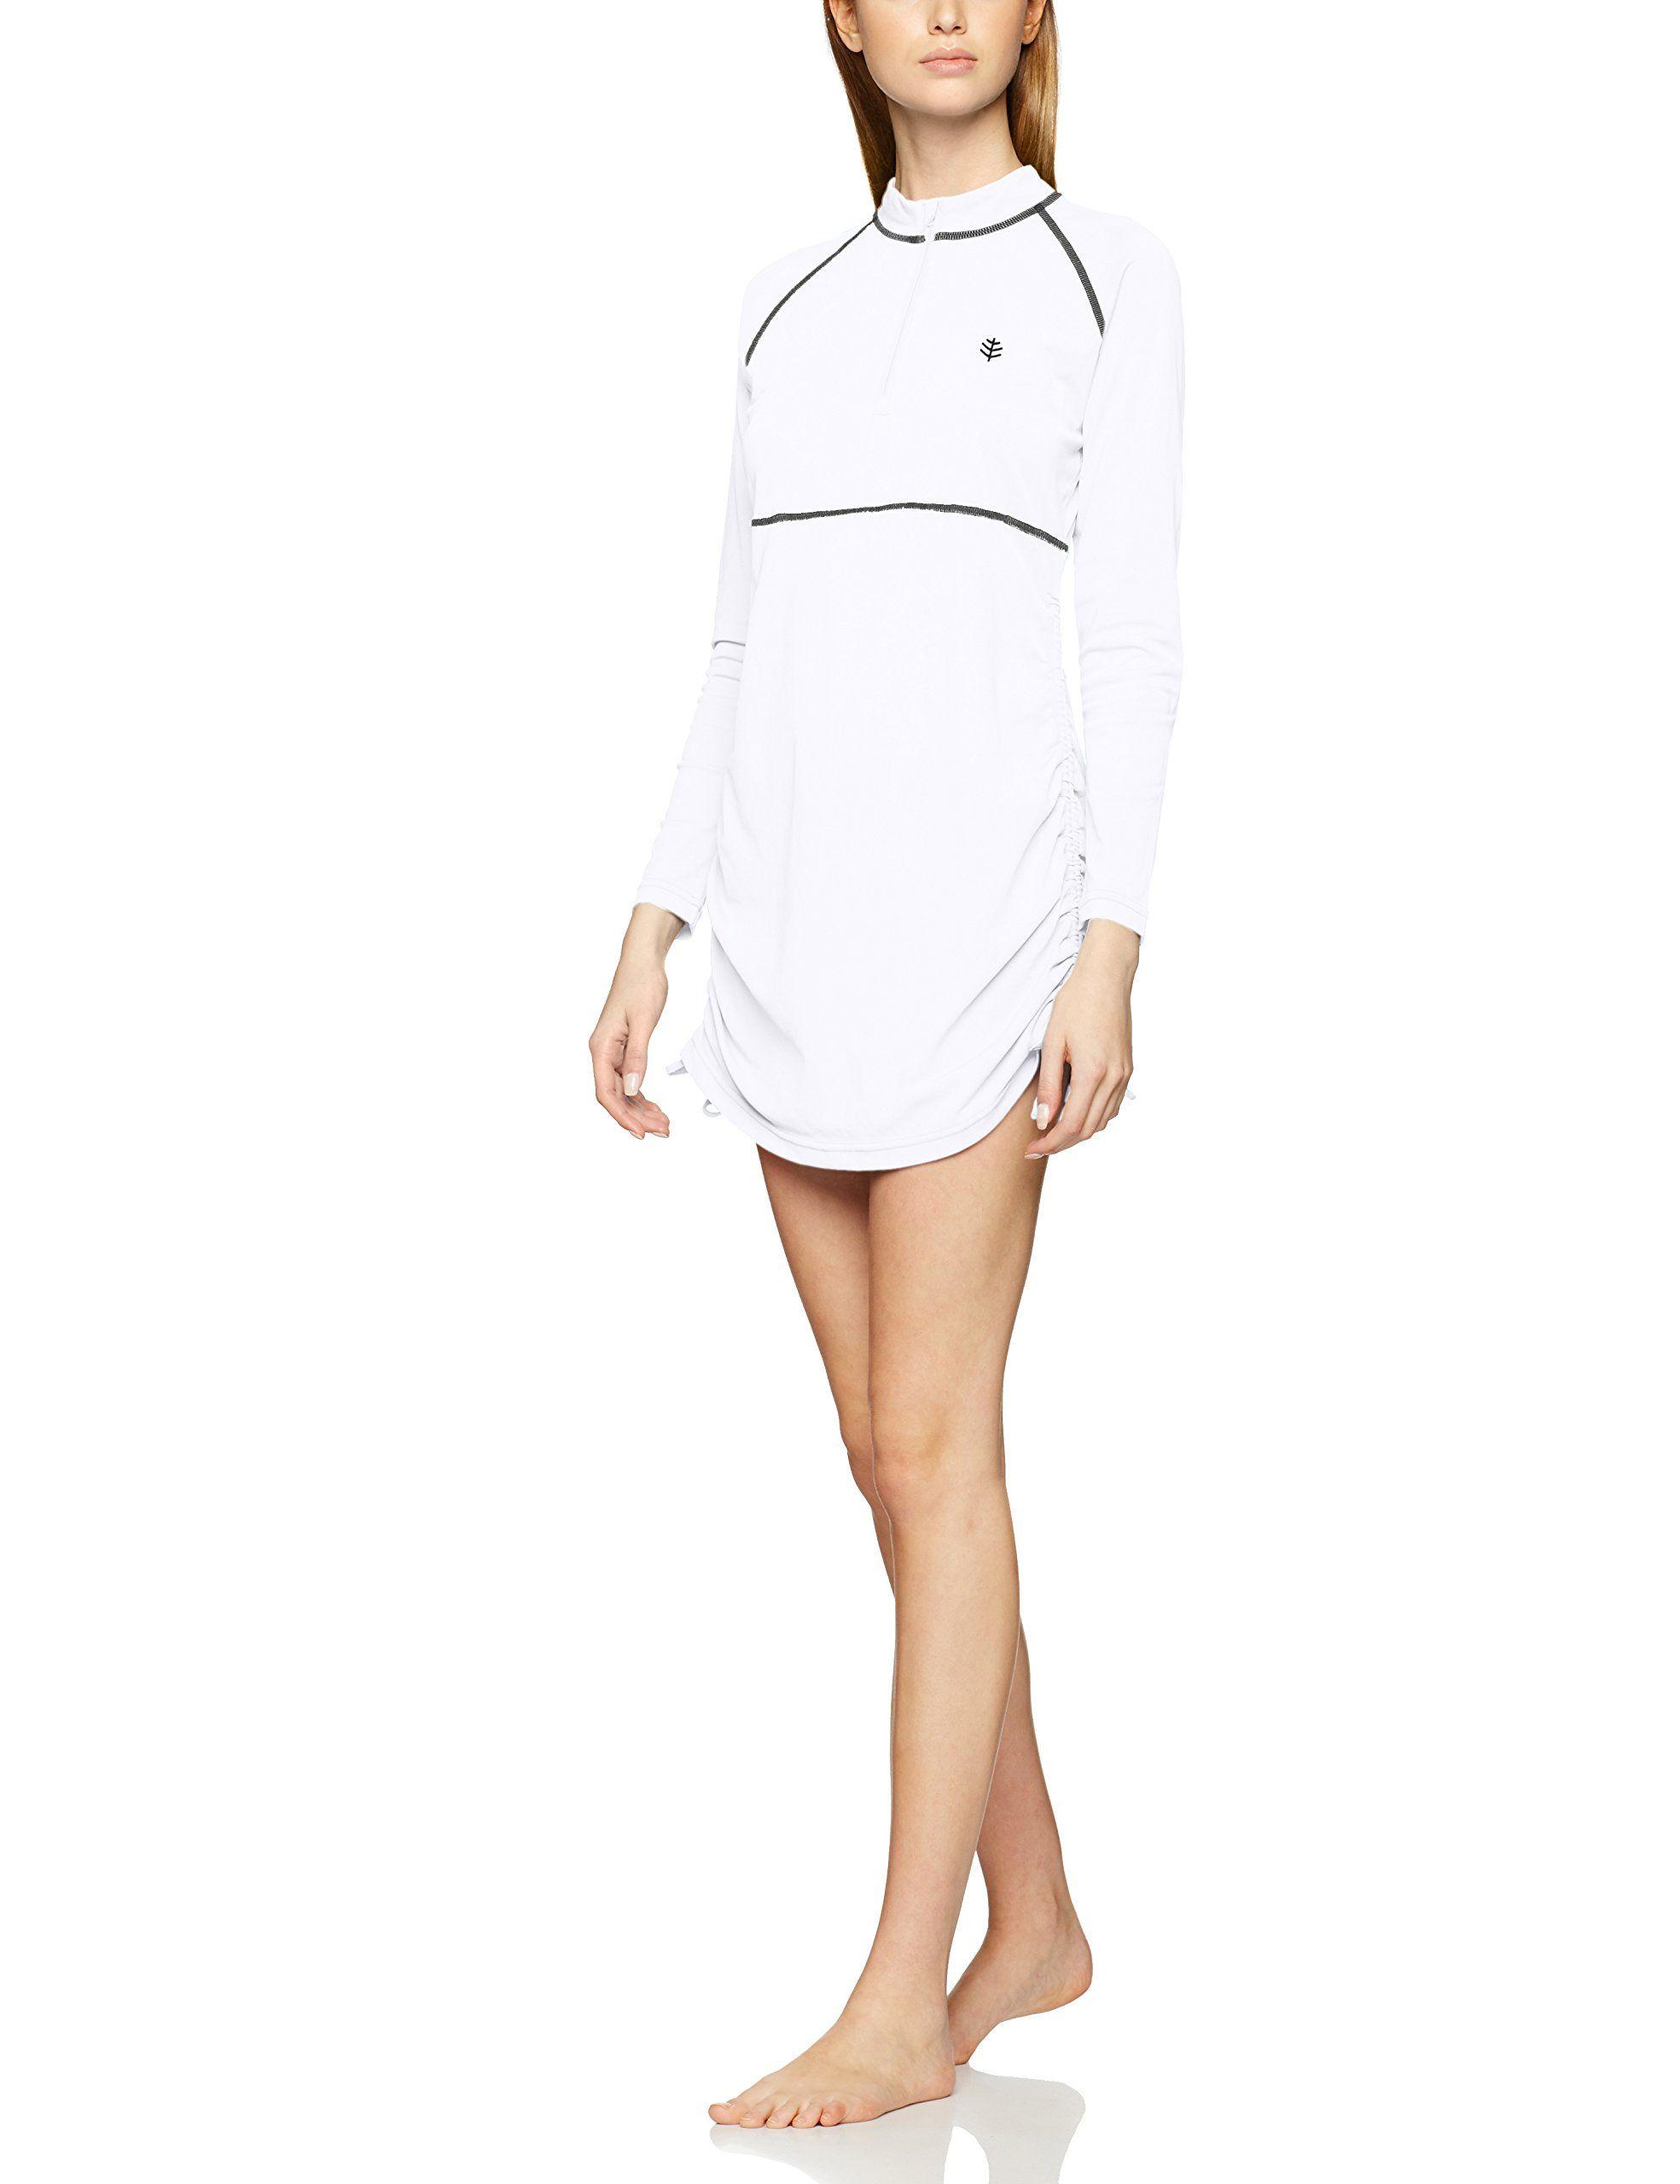 Cooliba con Protezione UV UPF 50+ Maglietta a Maniche Corte con Zip Donna